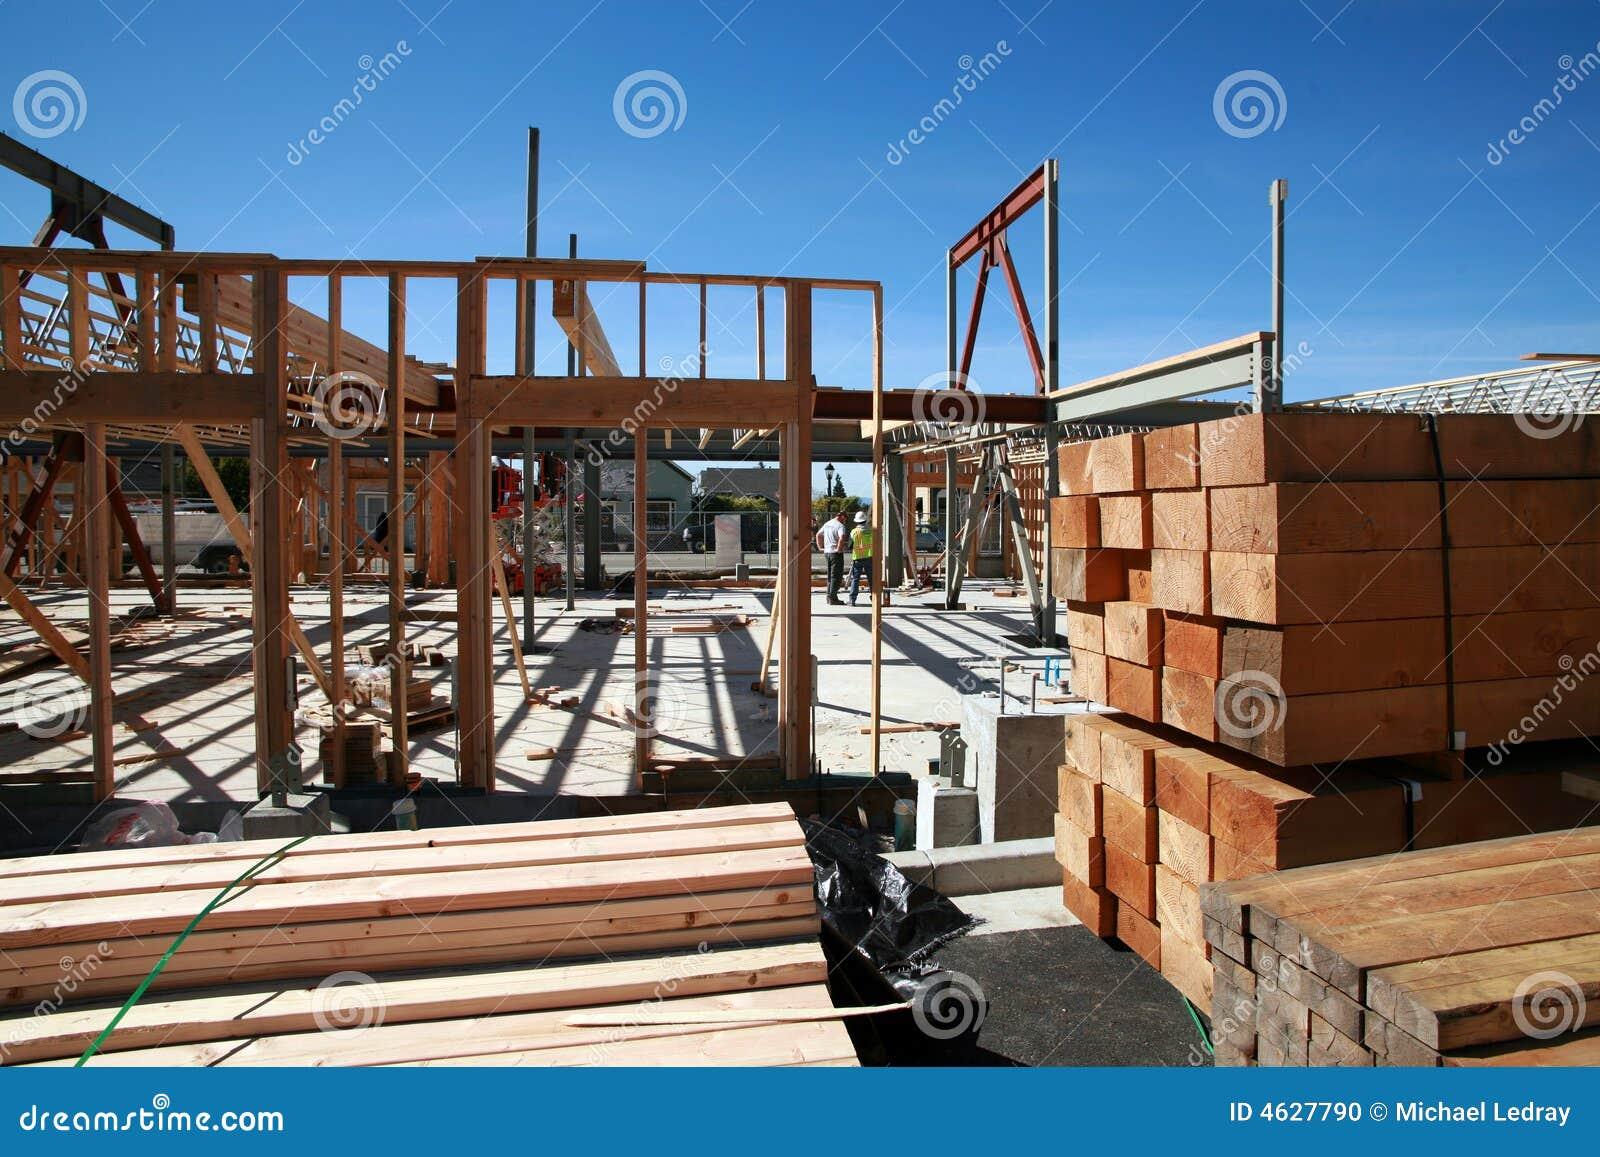 Construção de edifício Home e conceitos do edifício